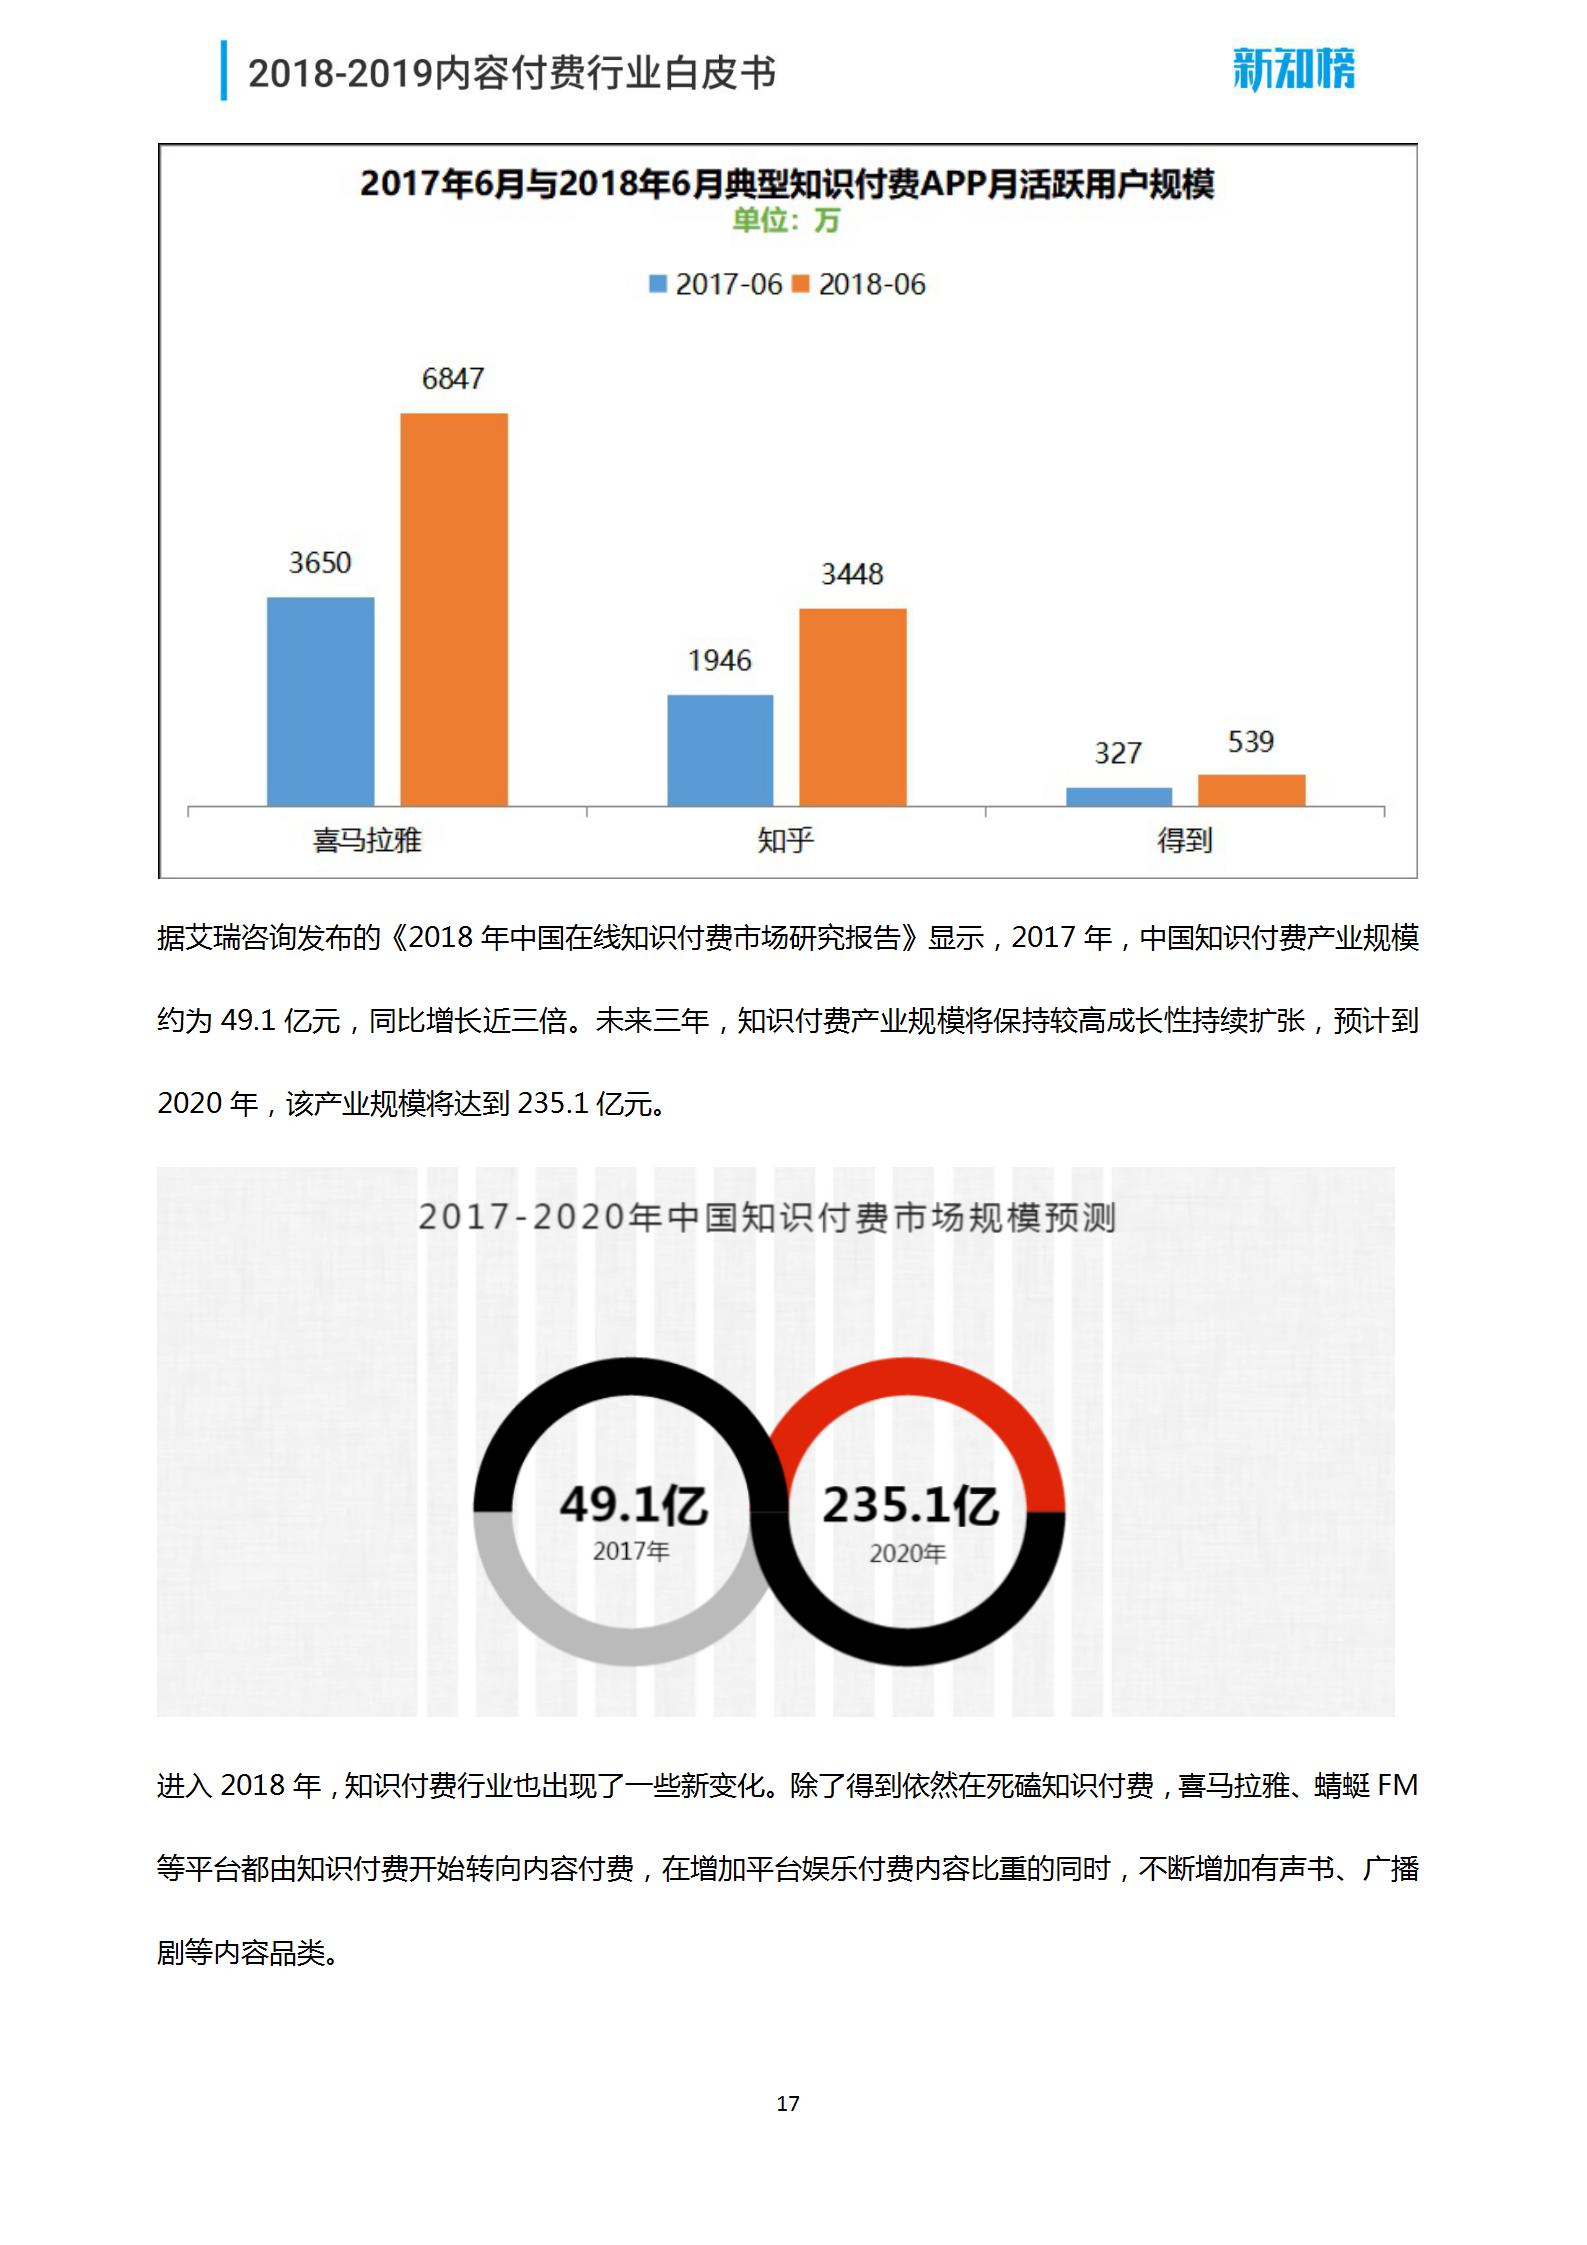 新知榜2018-2019内容付费行业白皮书_17.png